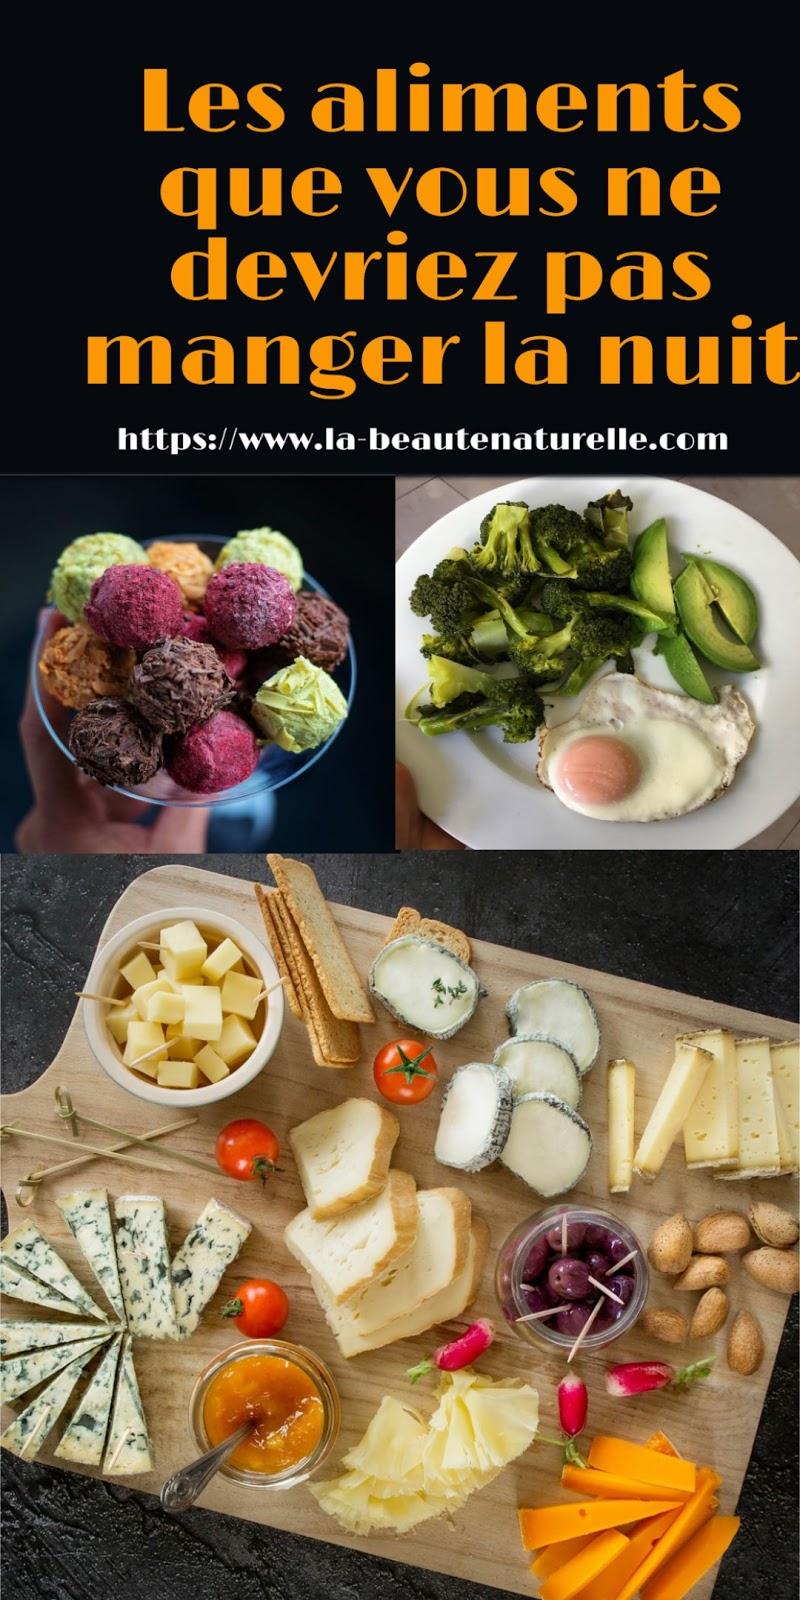 Les aliments que vous ne devriez pas manger la nuit